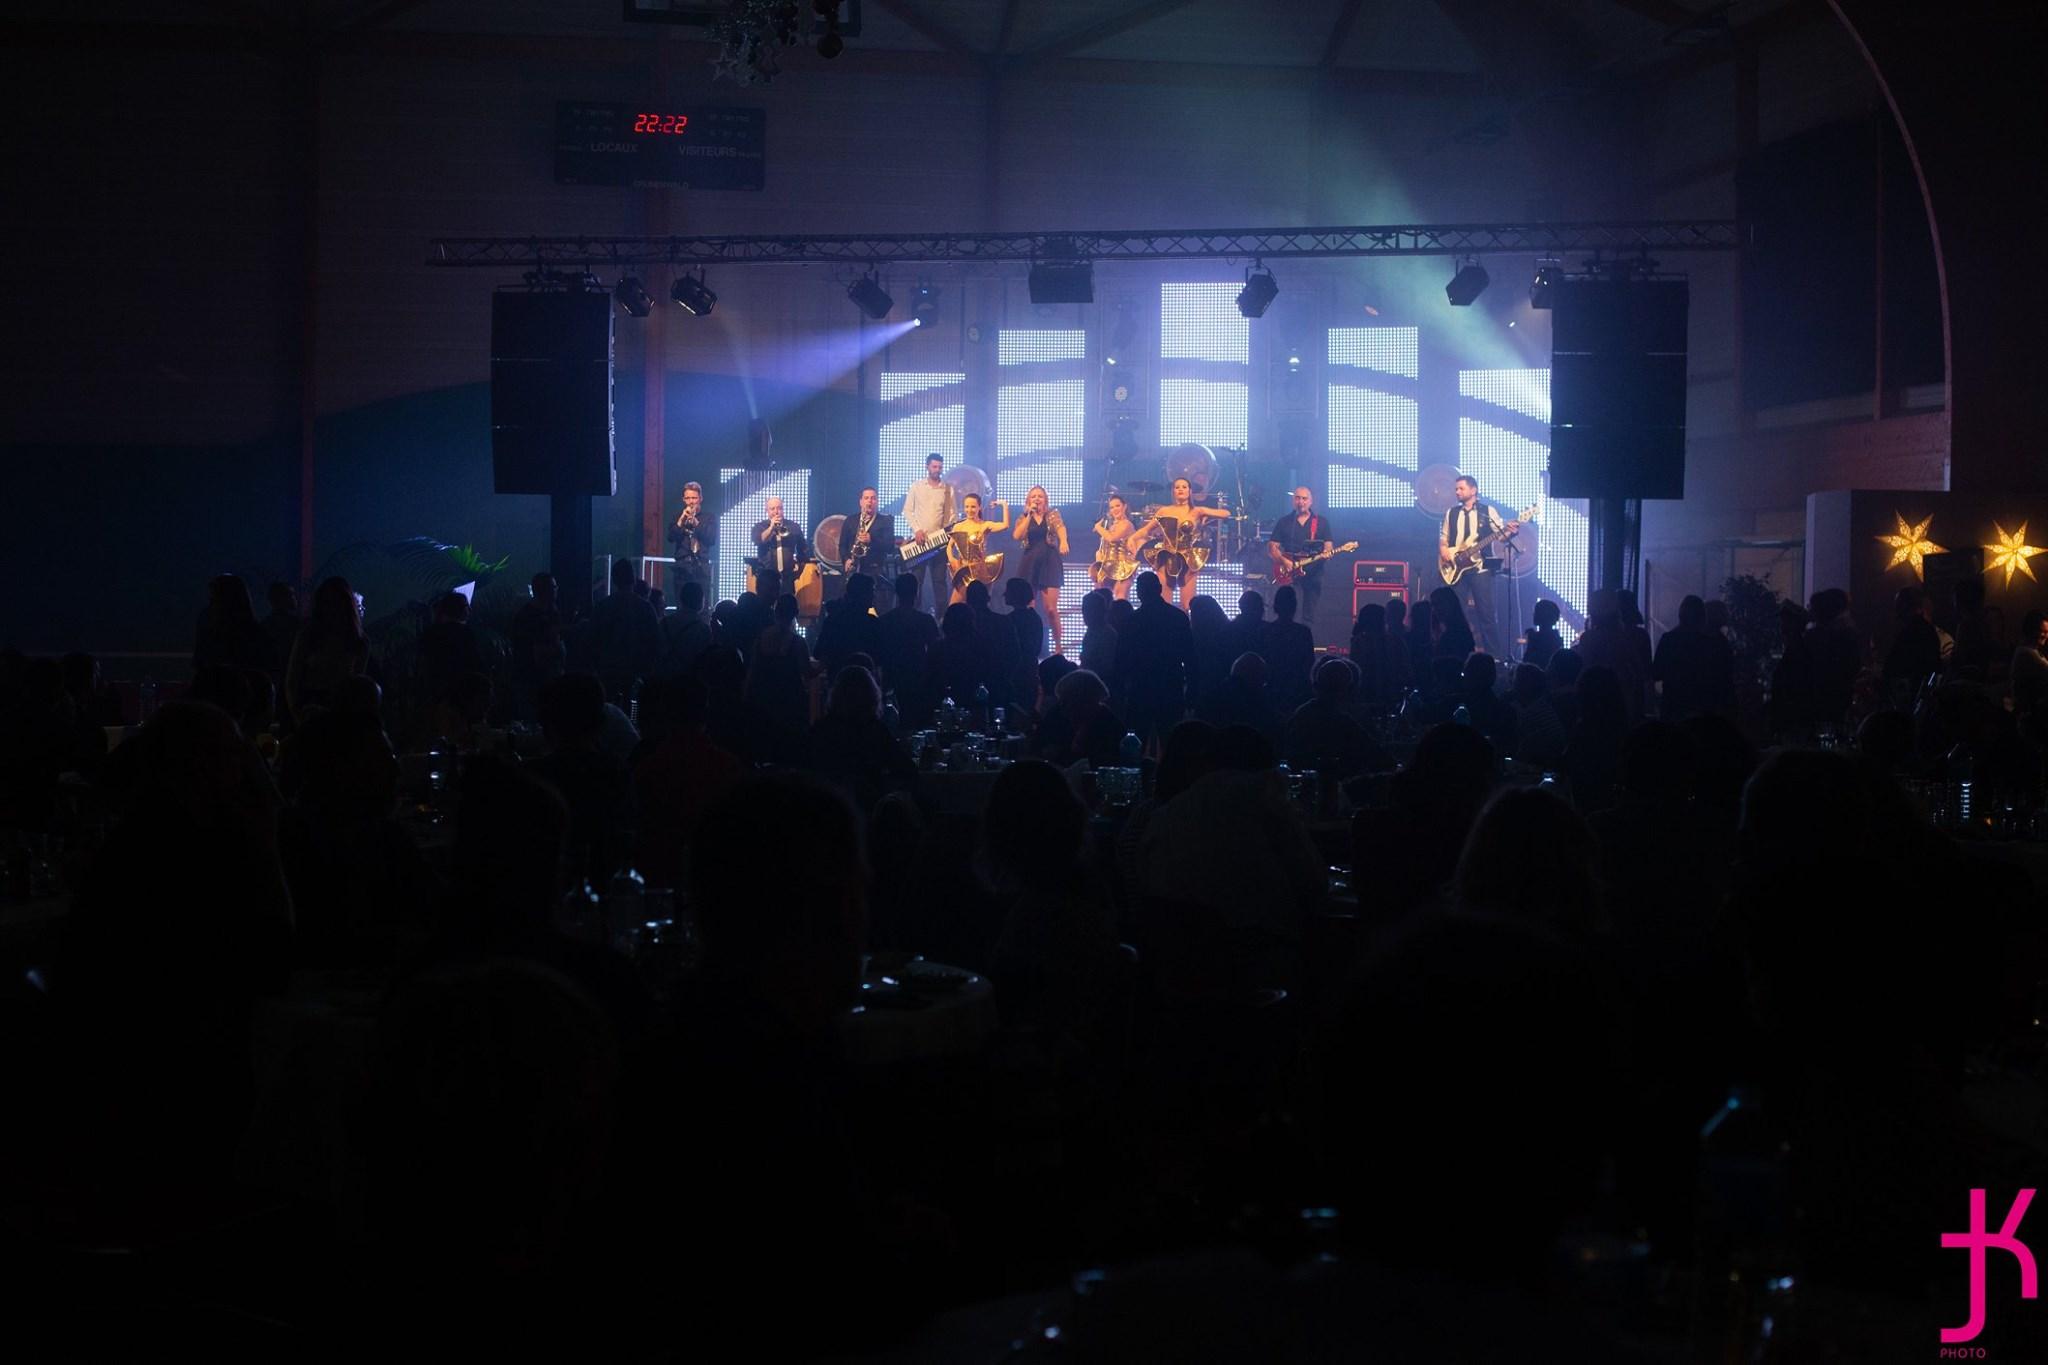 suspens orchestra orchestra variété